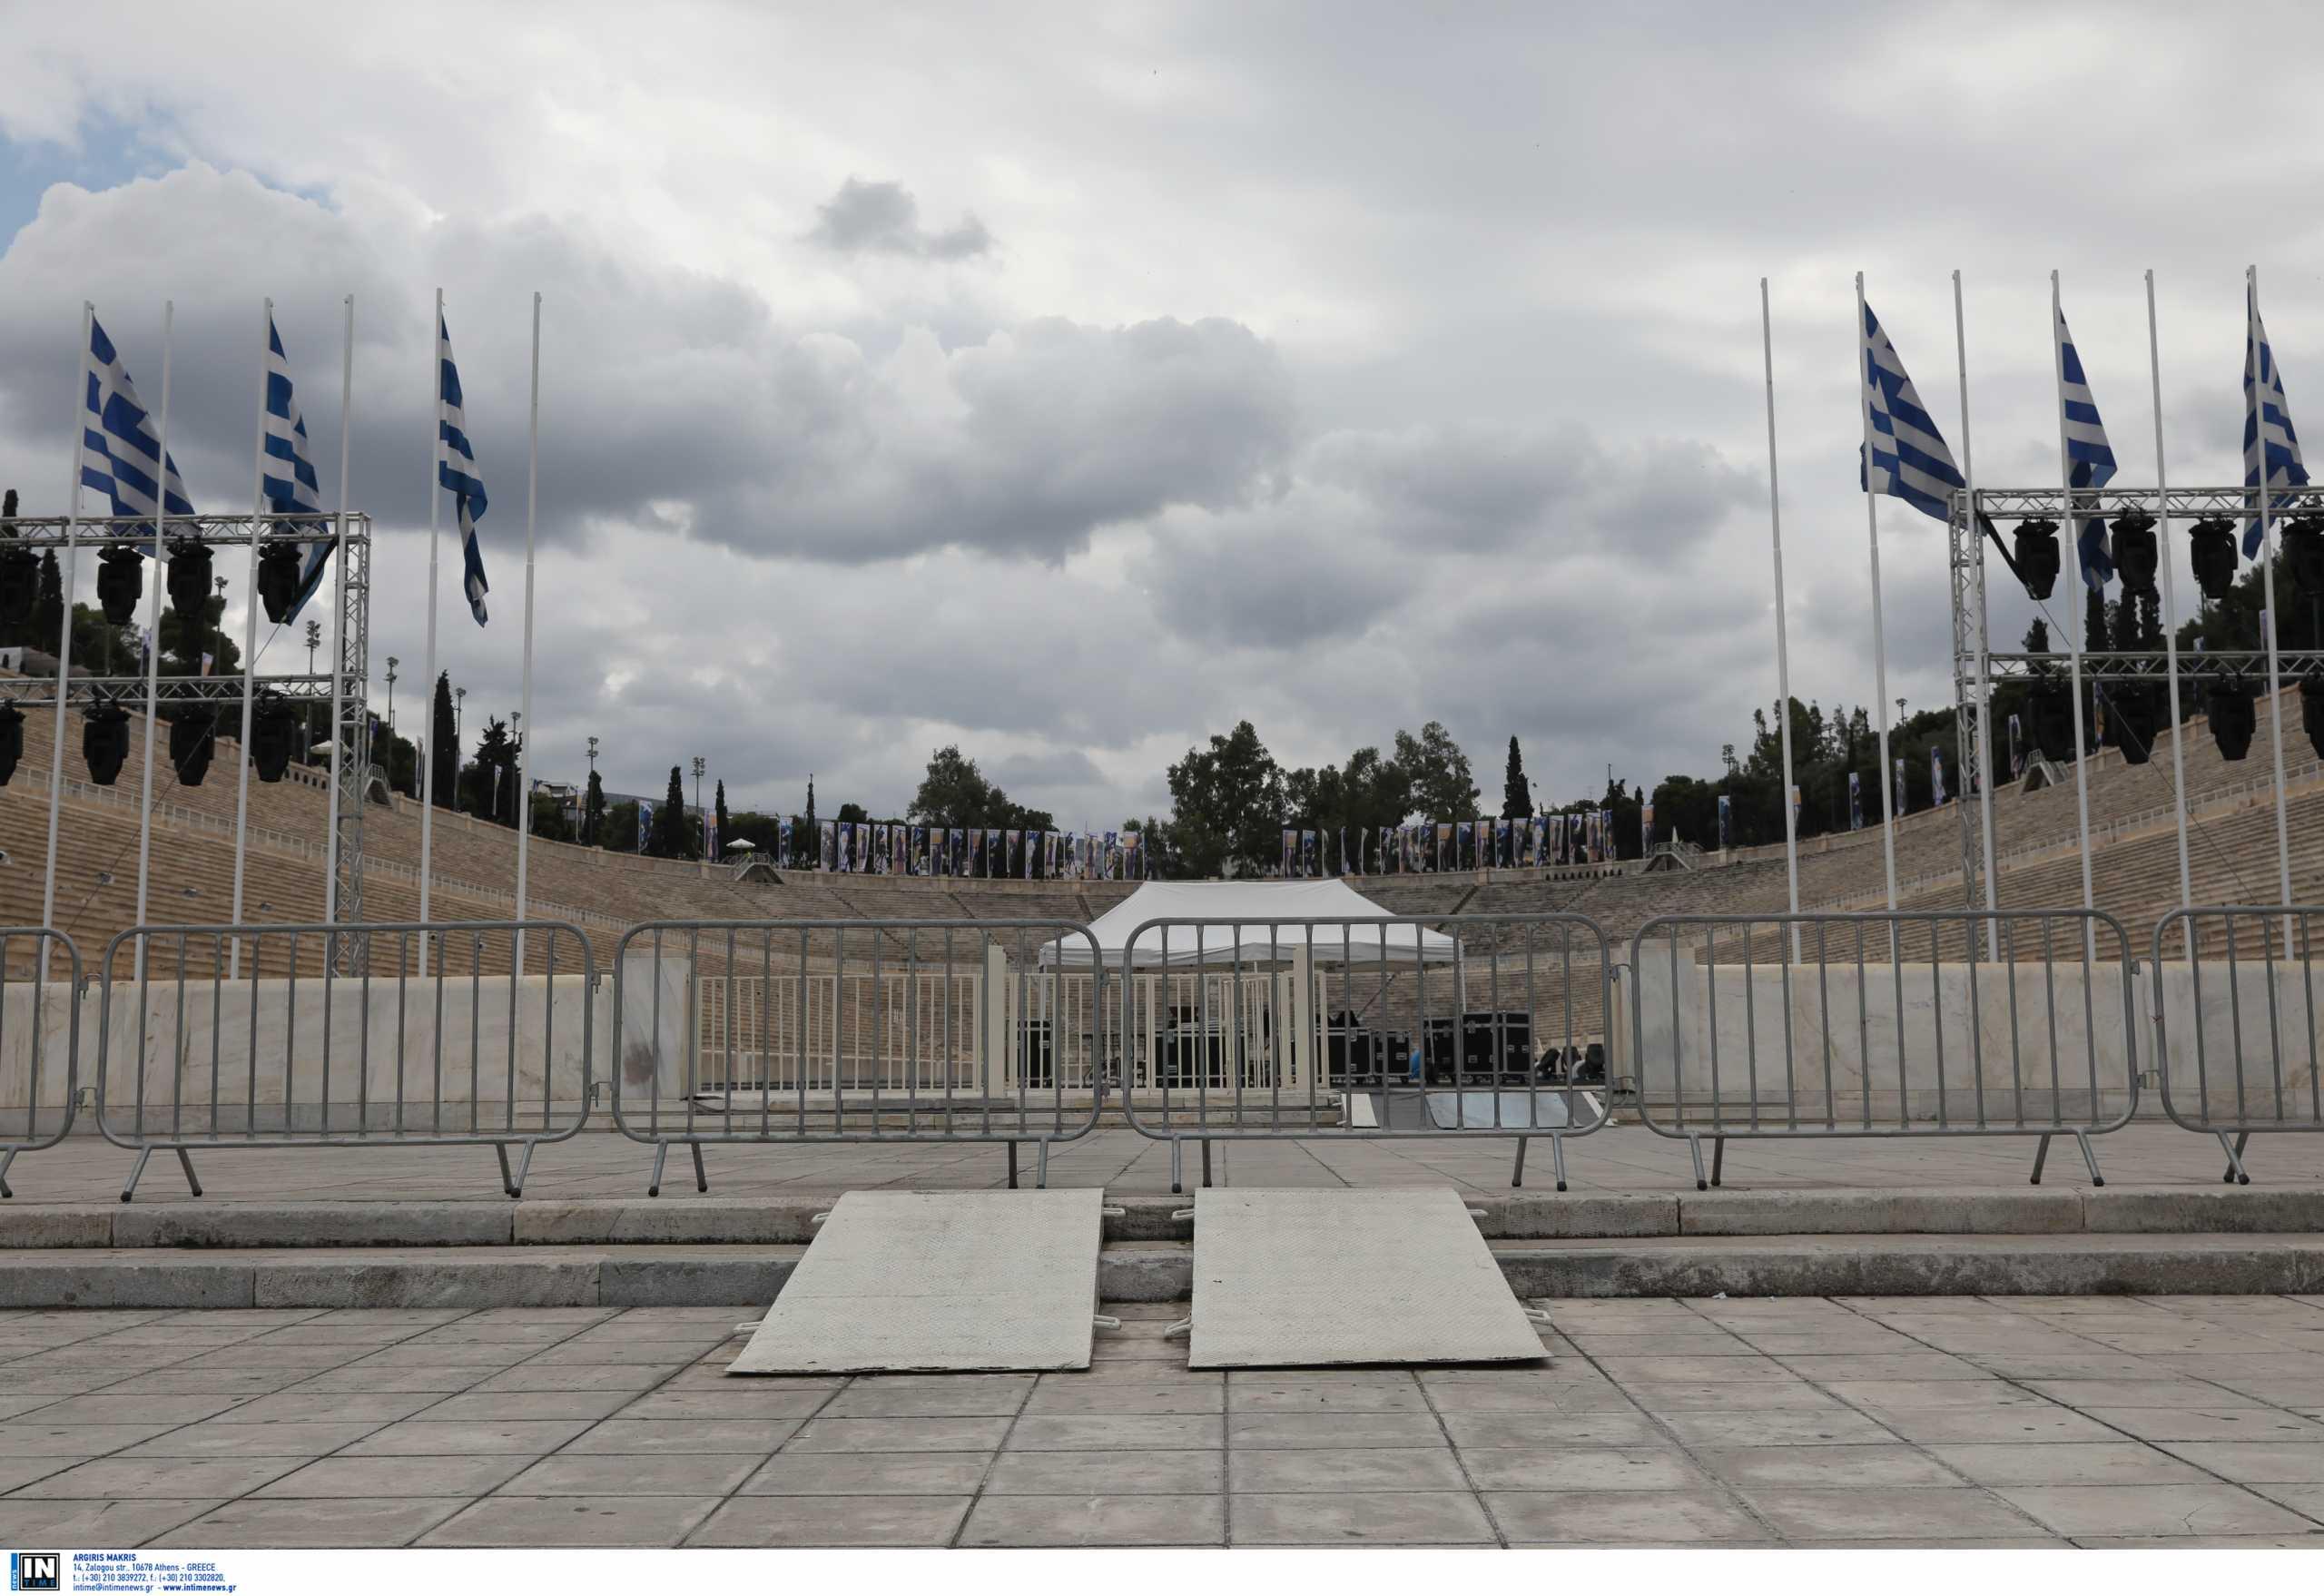 Η Ελλάδα ταξιδεύει σήμερα από το Καλλιμάρμαρο σε όλο τον κόσμο μέσα από το «Dior Cruise Collection»